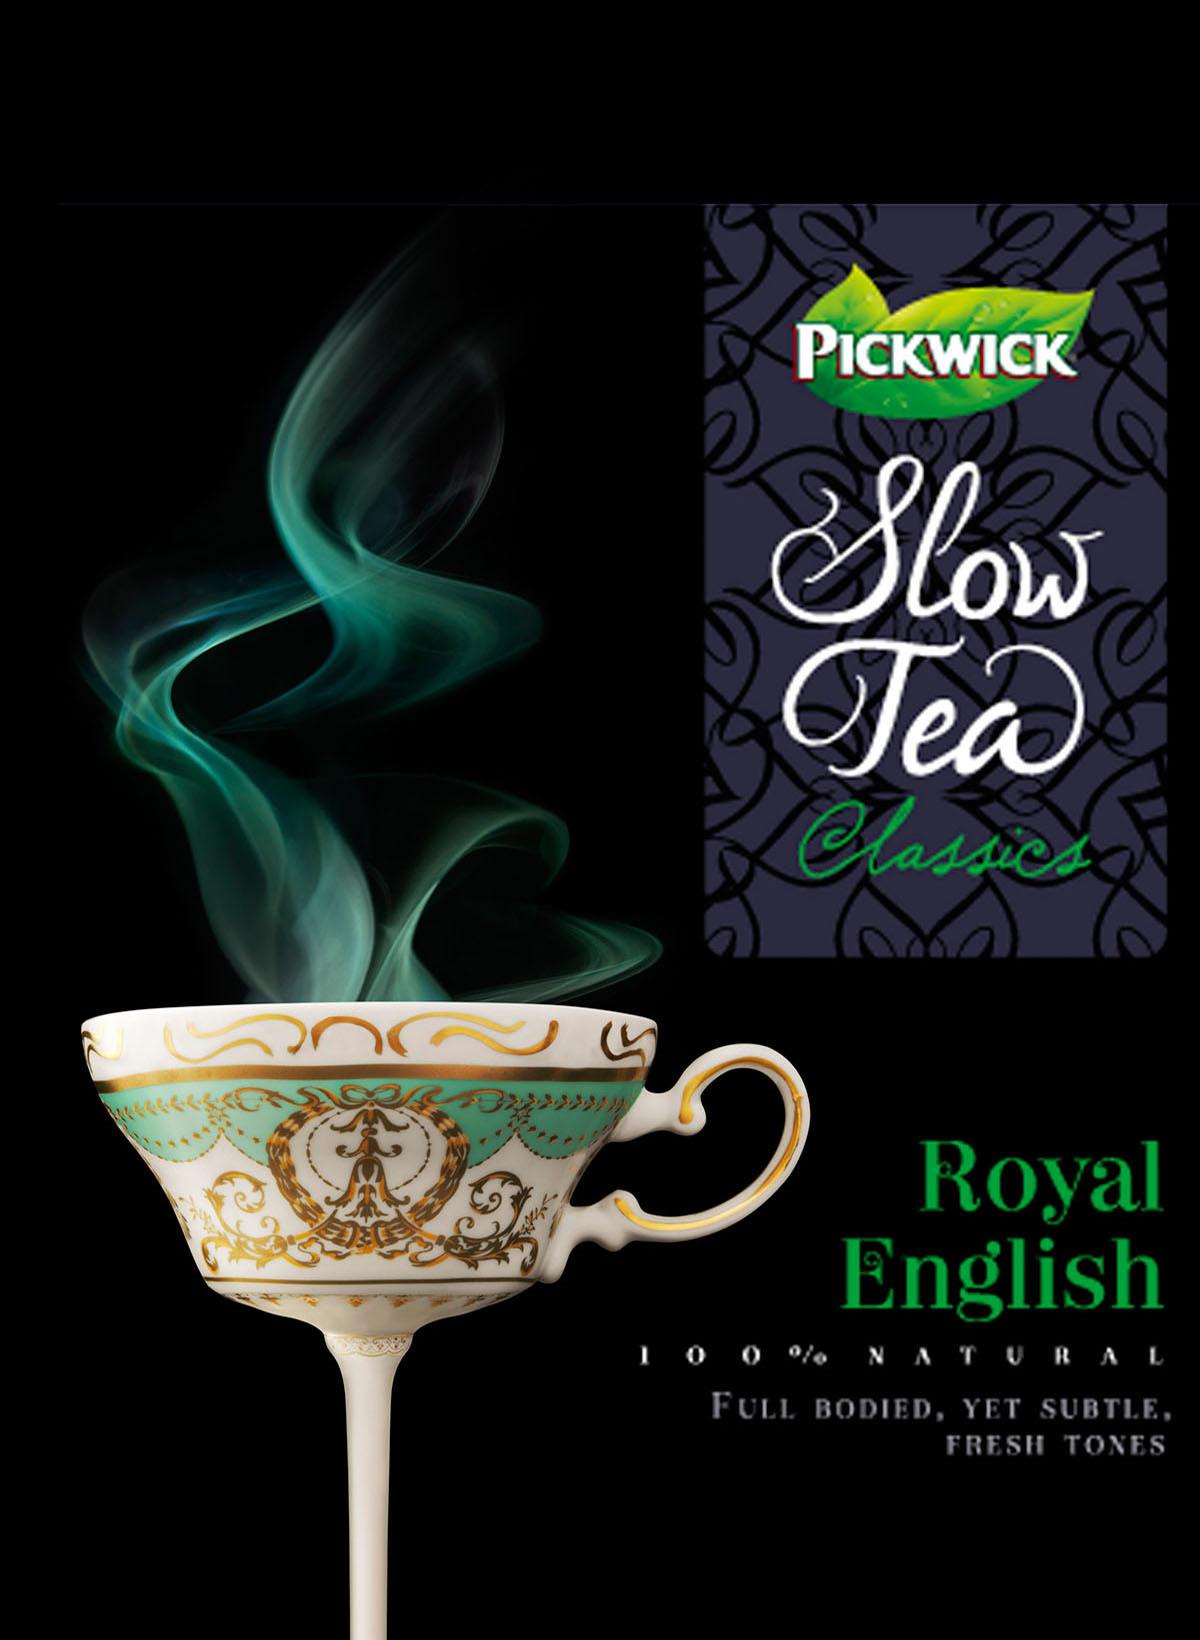 Packaging fotografie van Pickwick Slow Tea's Royal English gemaakt door Studio_m Fotografie Amsterdam